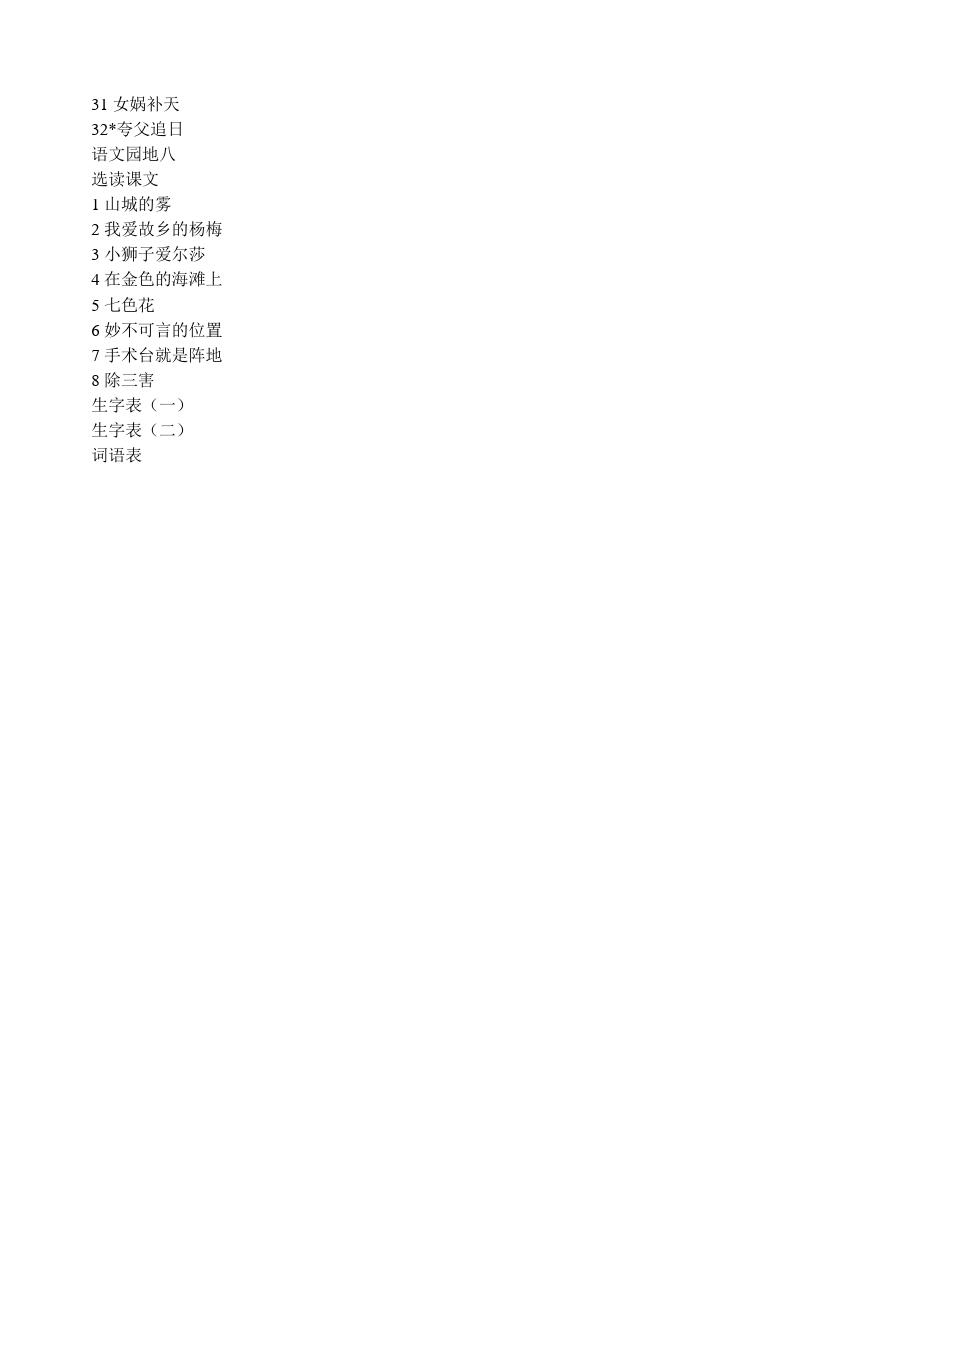 【强烈推荐】人教版小学语文三年级下册课文电子版